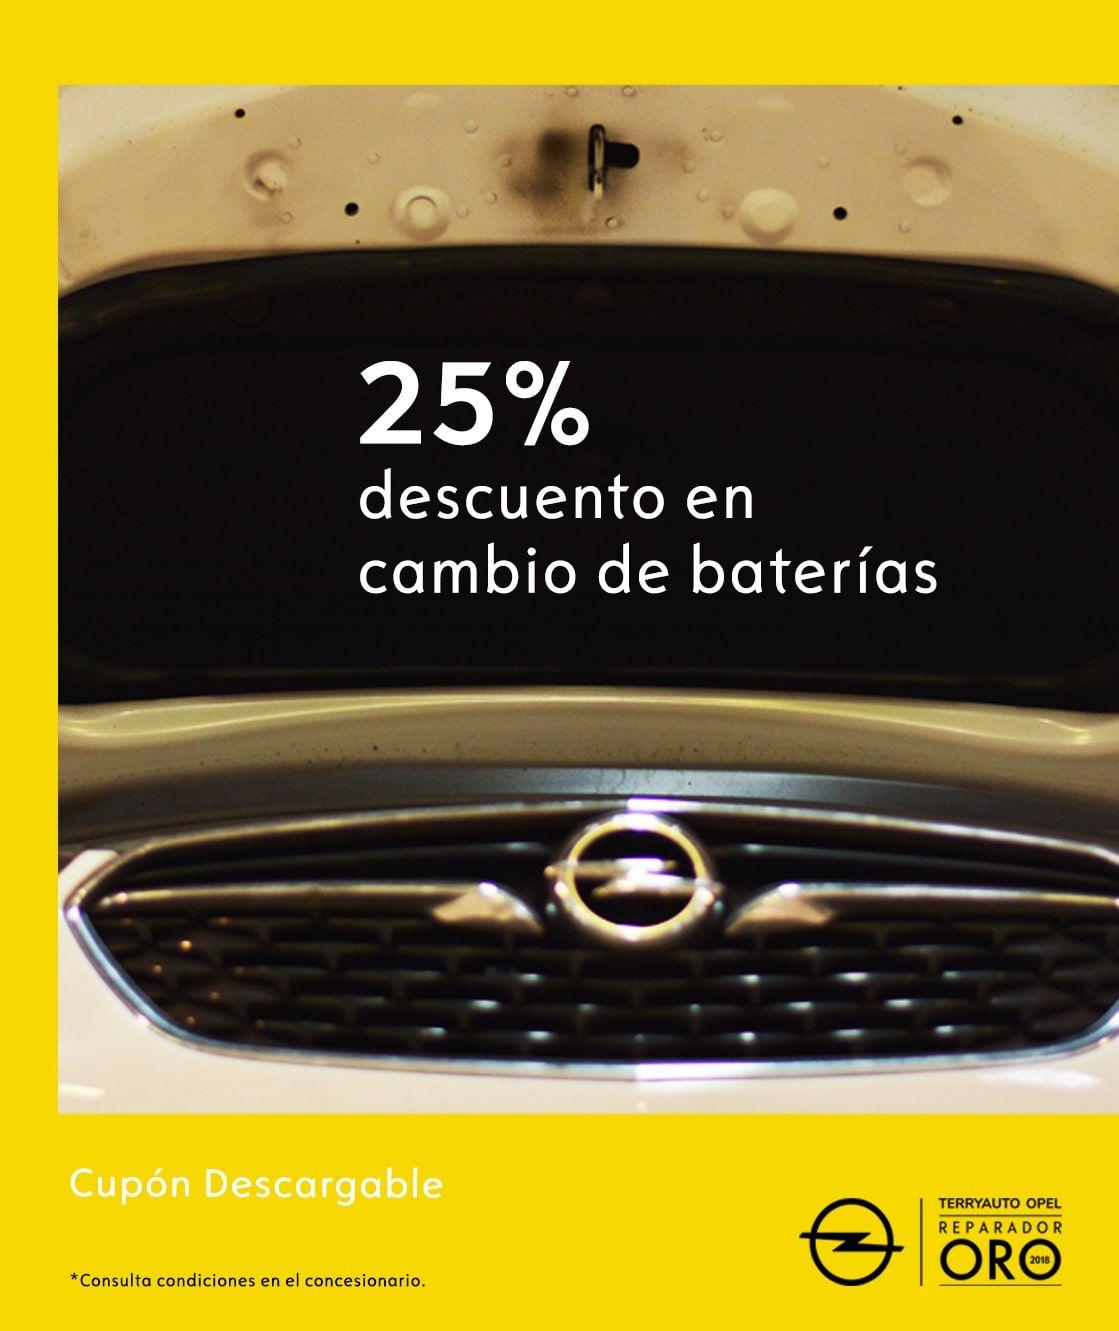 25% DTO EN CAMBIO DE BATERÍAS